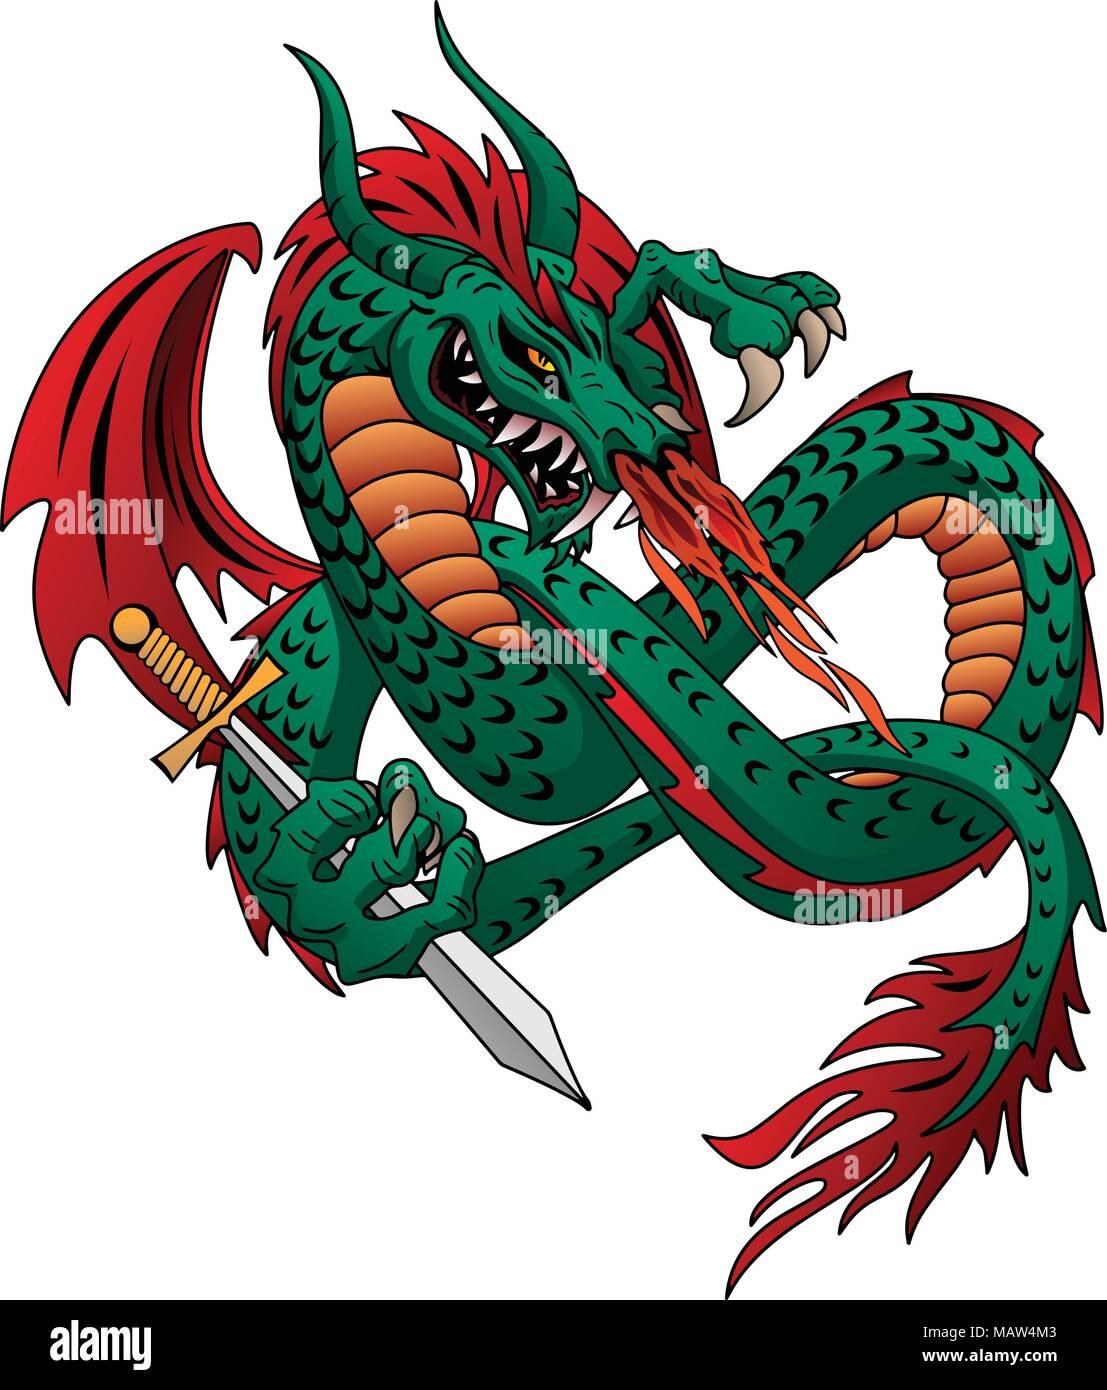 Asombroso Página Para Colorear Dragon Breathing Fire Foto - Ideas ...